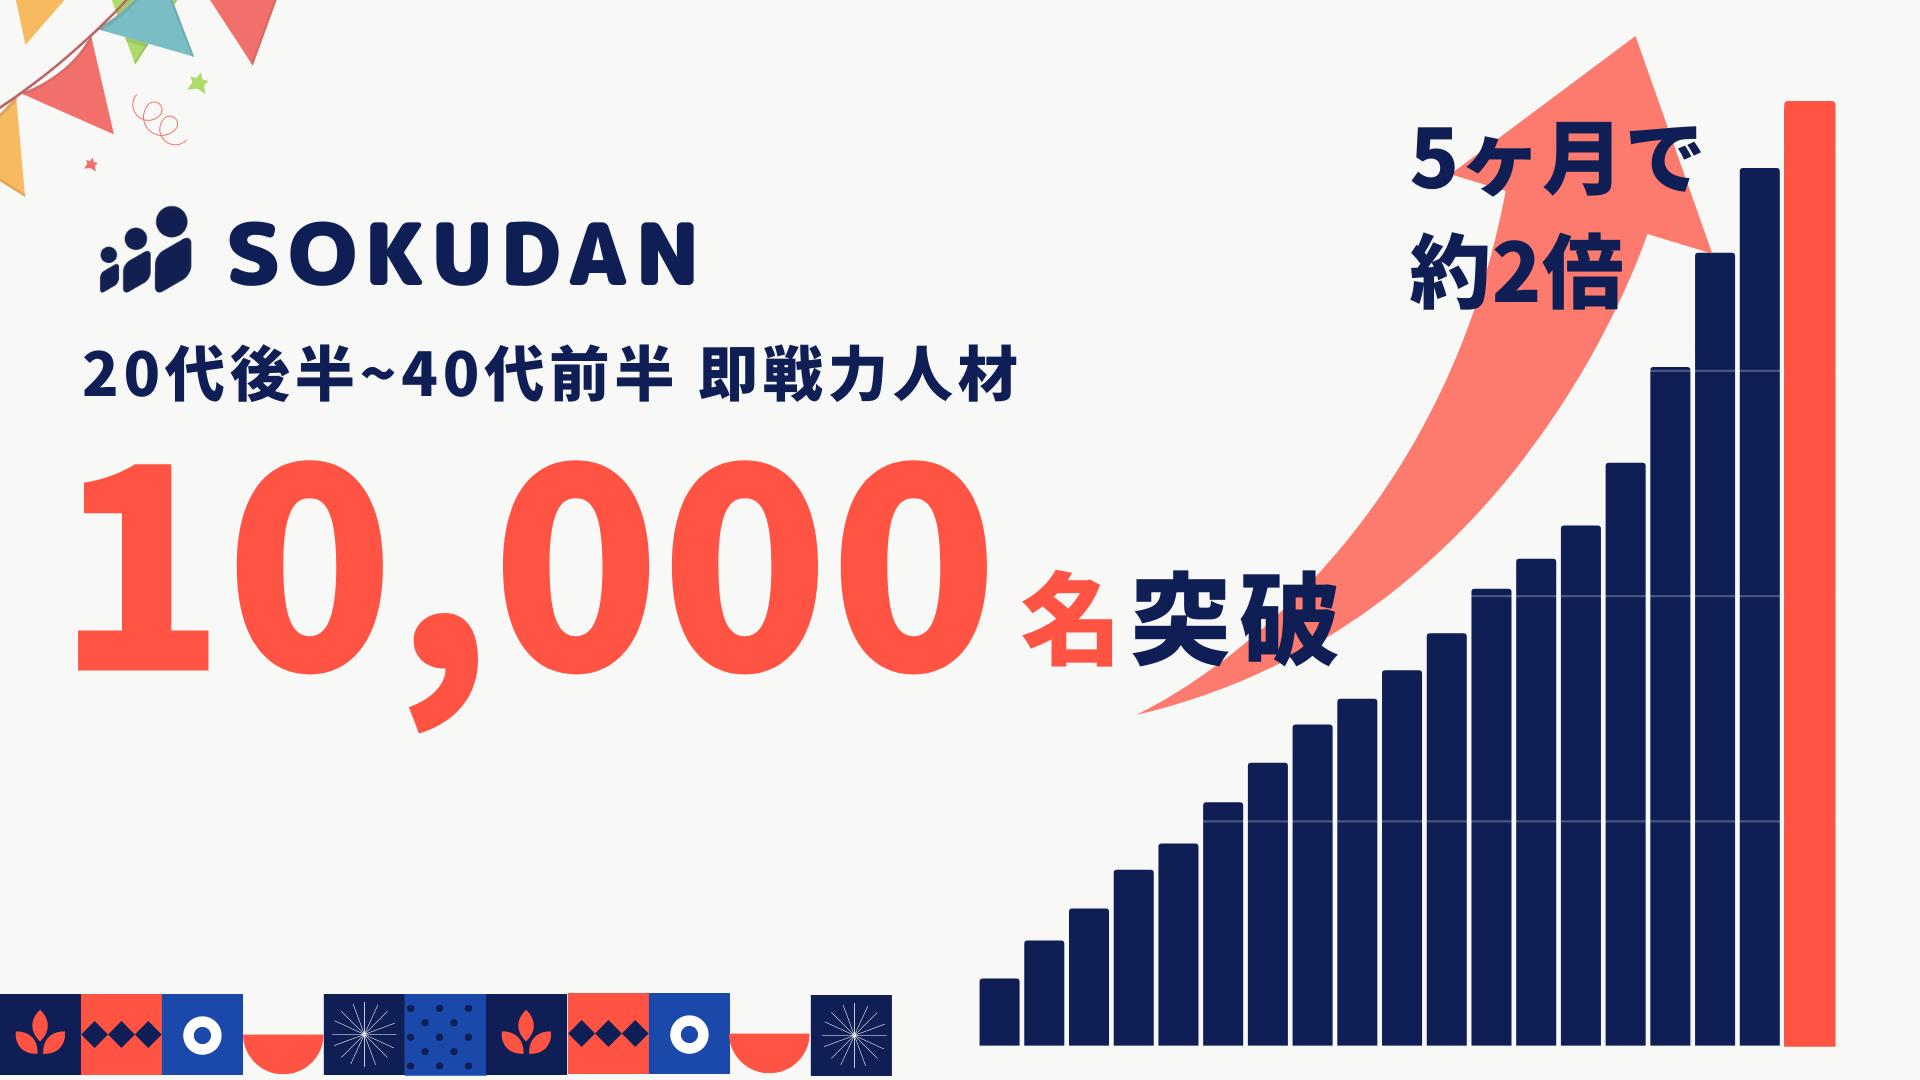 【10,000名突破!(DX人材49%)20代後~40代前の即戦力人材】最速の複業マッチング 『SOKUDAN(ソクダン)』がプロ人材登録数1万名を突破しました